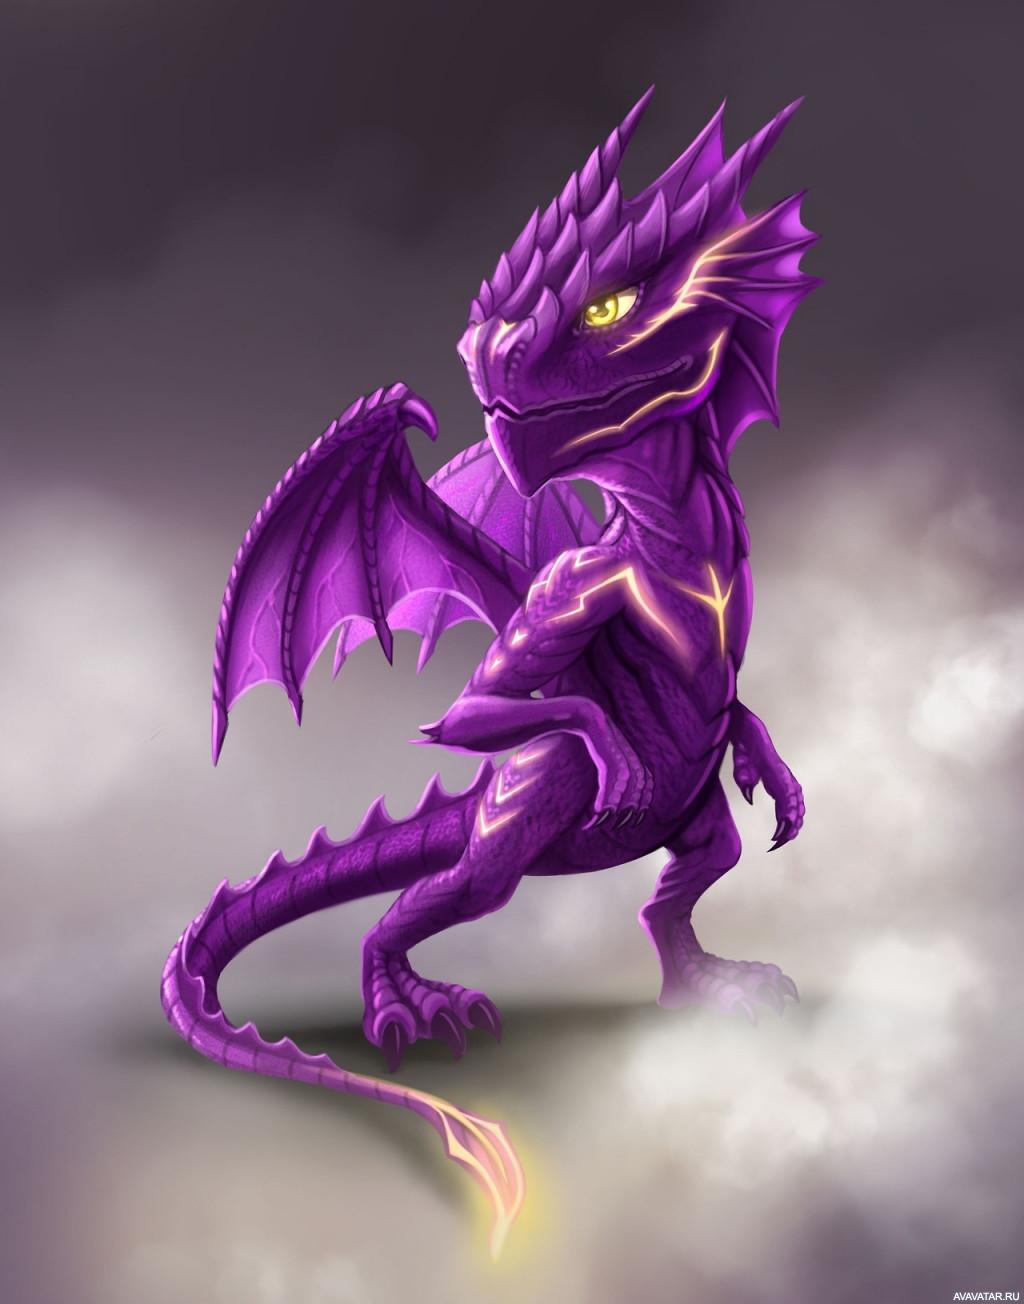 Прикольные картинки на аву дракон, юбилею лет